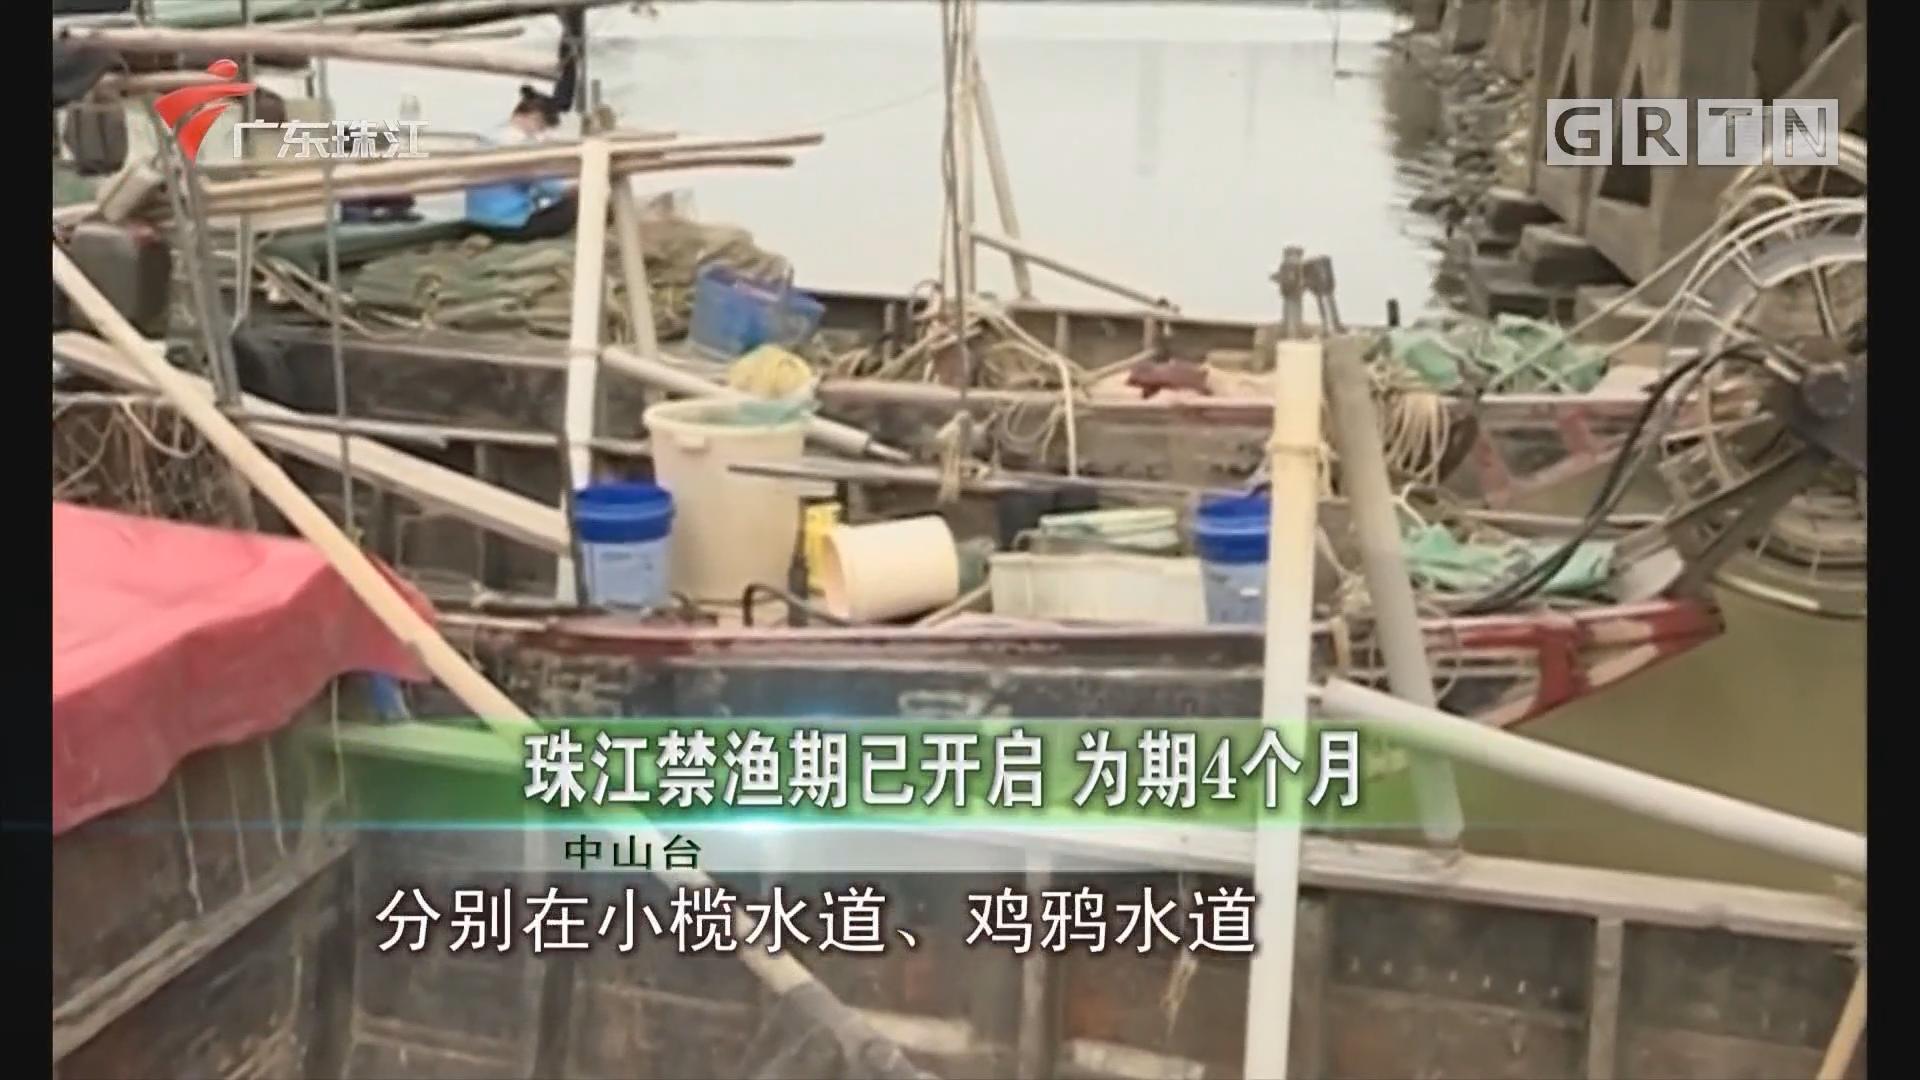 珠江禁渔期已开启 为期4个月